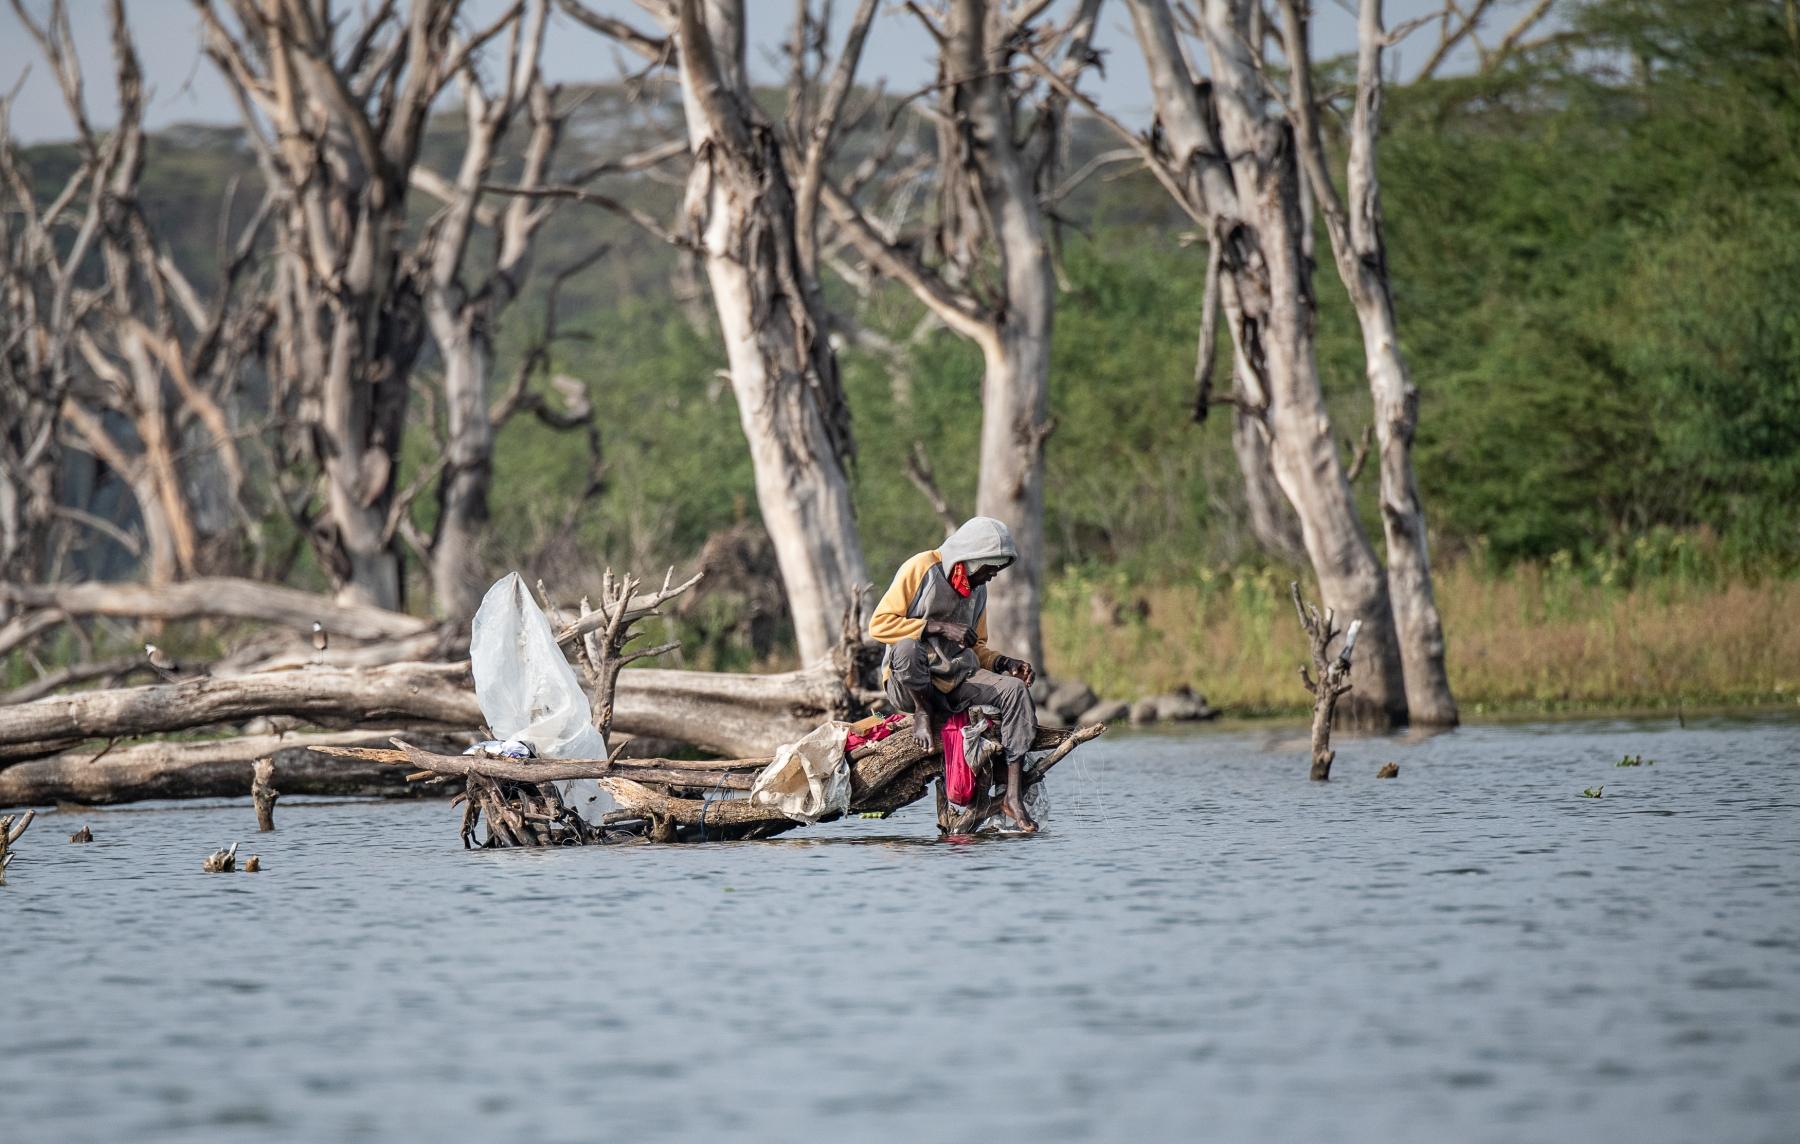 Lake-Naivasha-fisherman-color